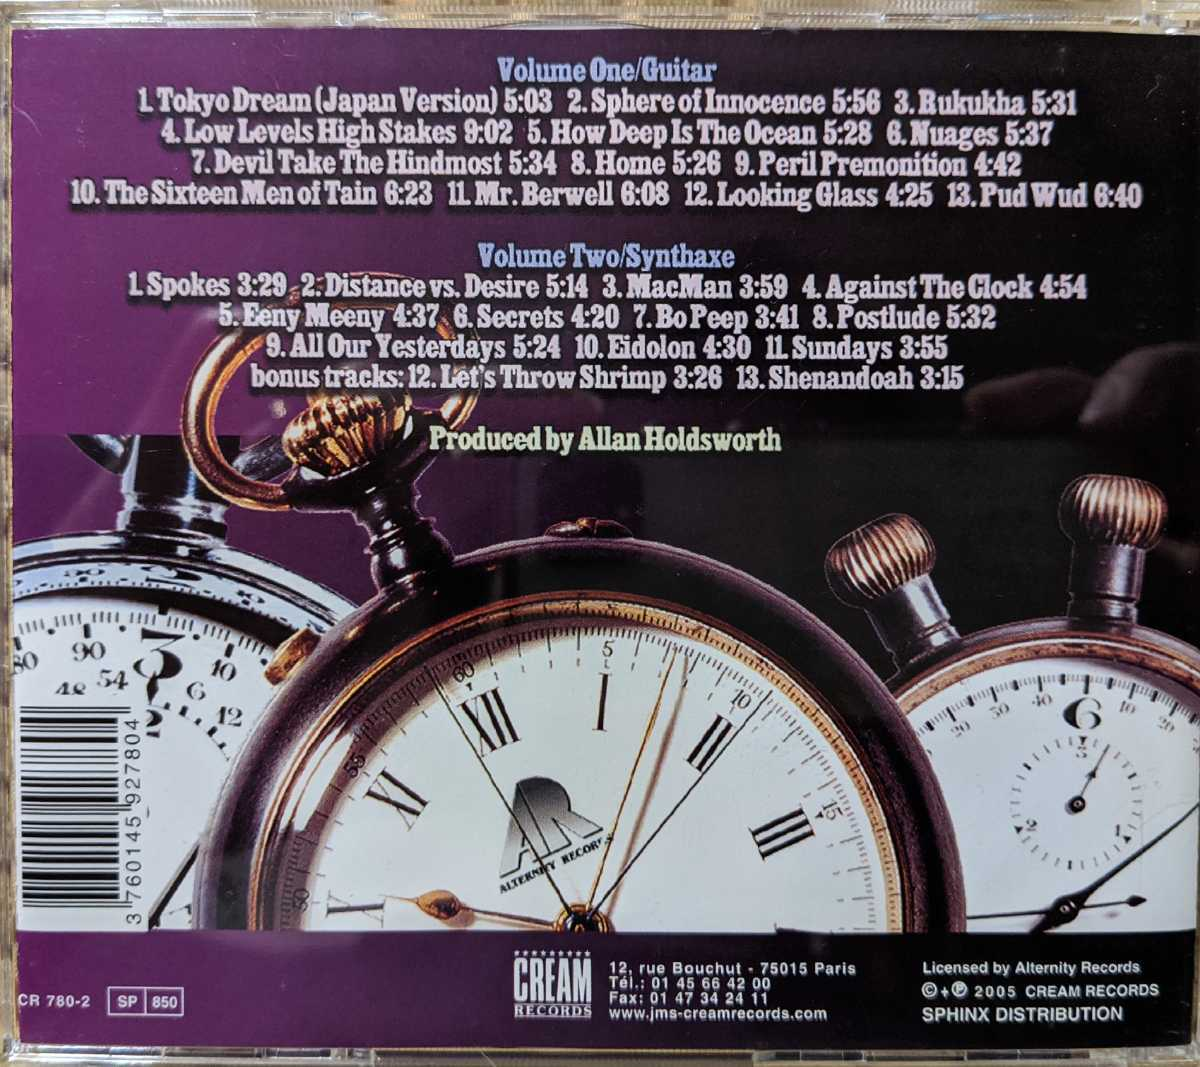 【2枚組】Allan Holdsworth / The Best Of Allan Holdsworth against The Clock / CR780-2 / 3760145927804 / アラン・ホールズワース_画像4